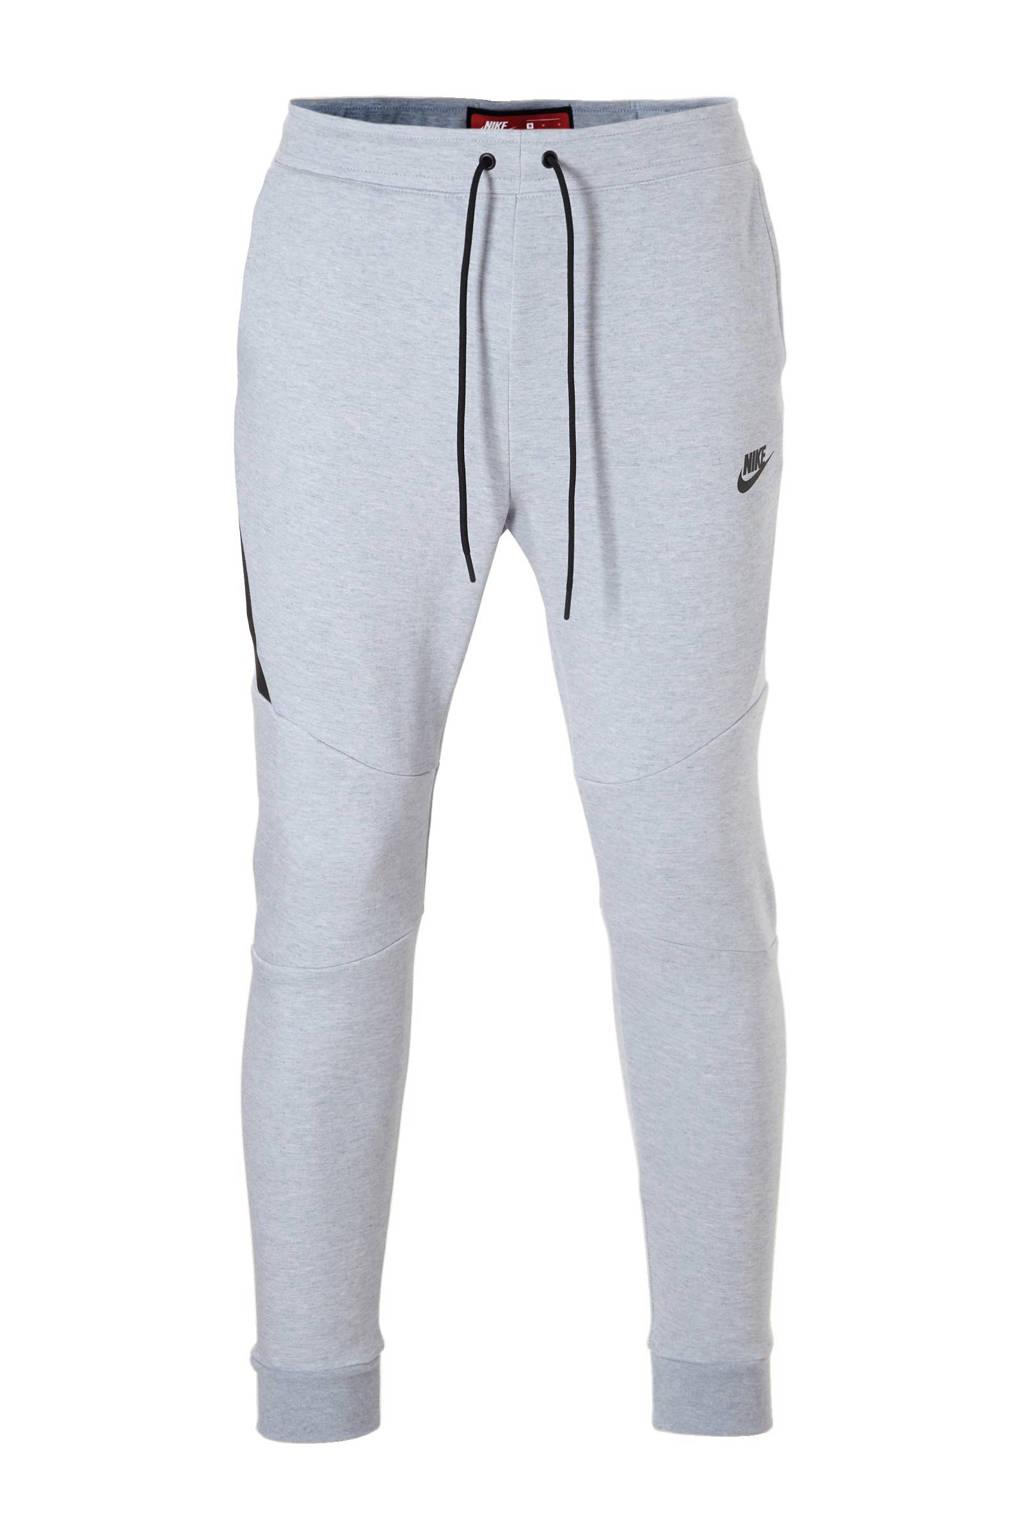 Fleece Joggingbroek Heren.Nike Tech Fleece Joggingbroek Wehkamp